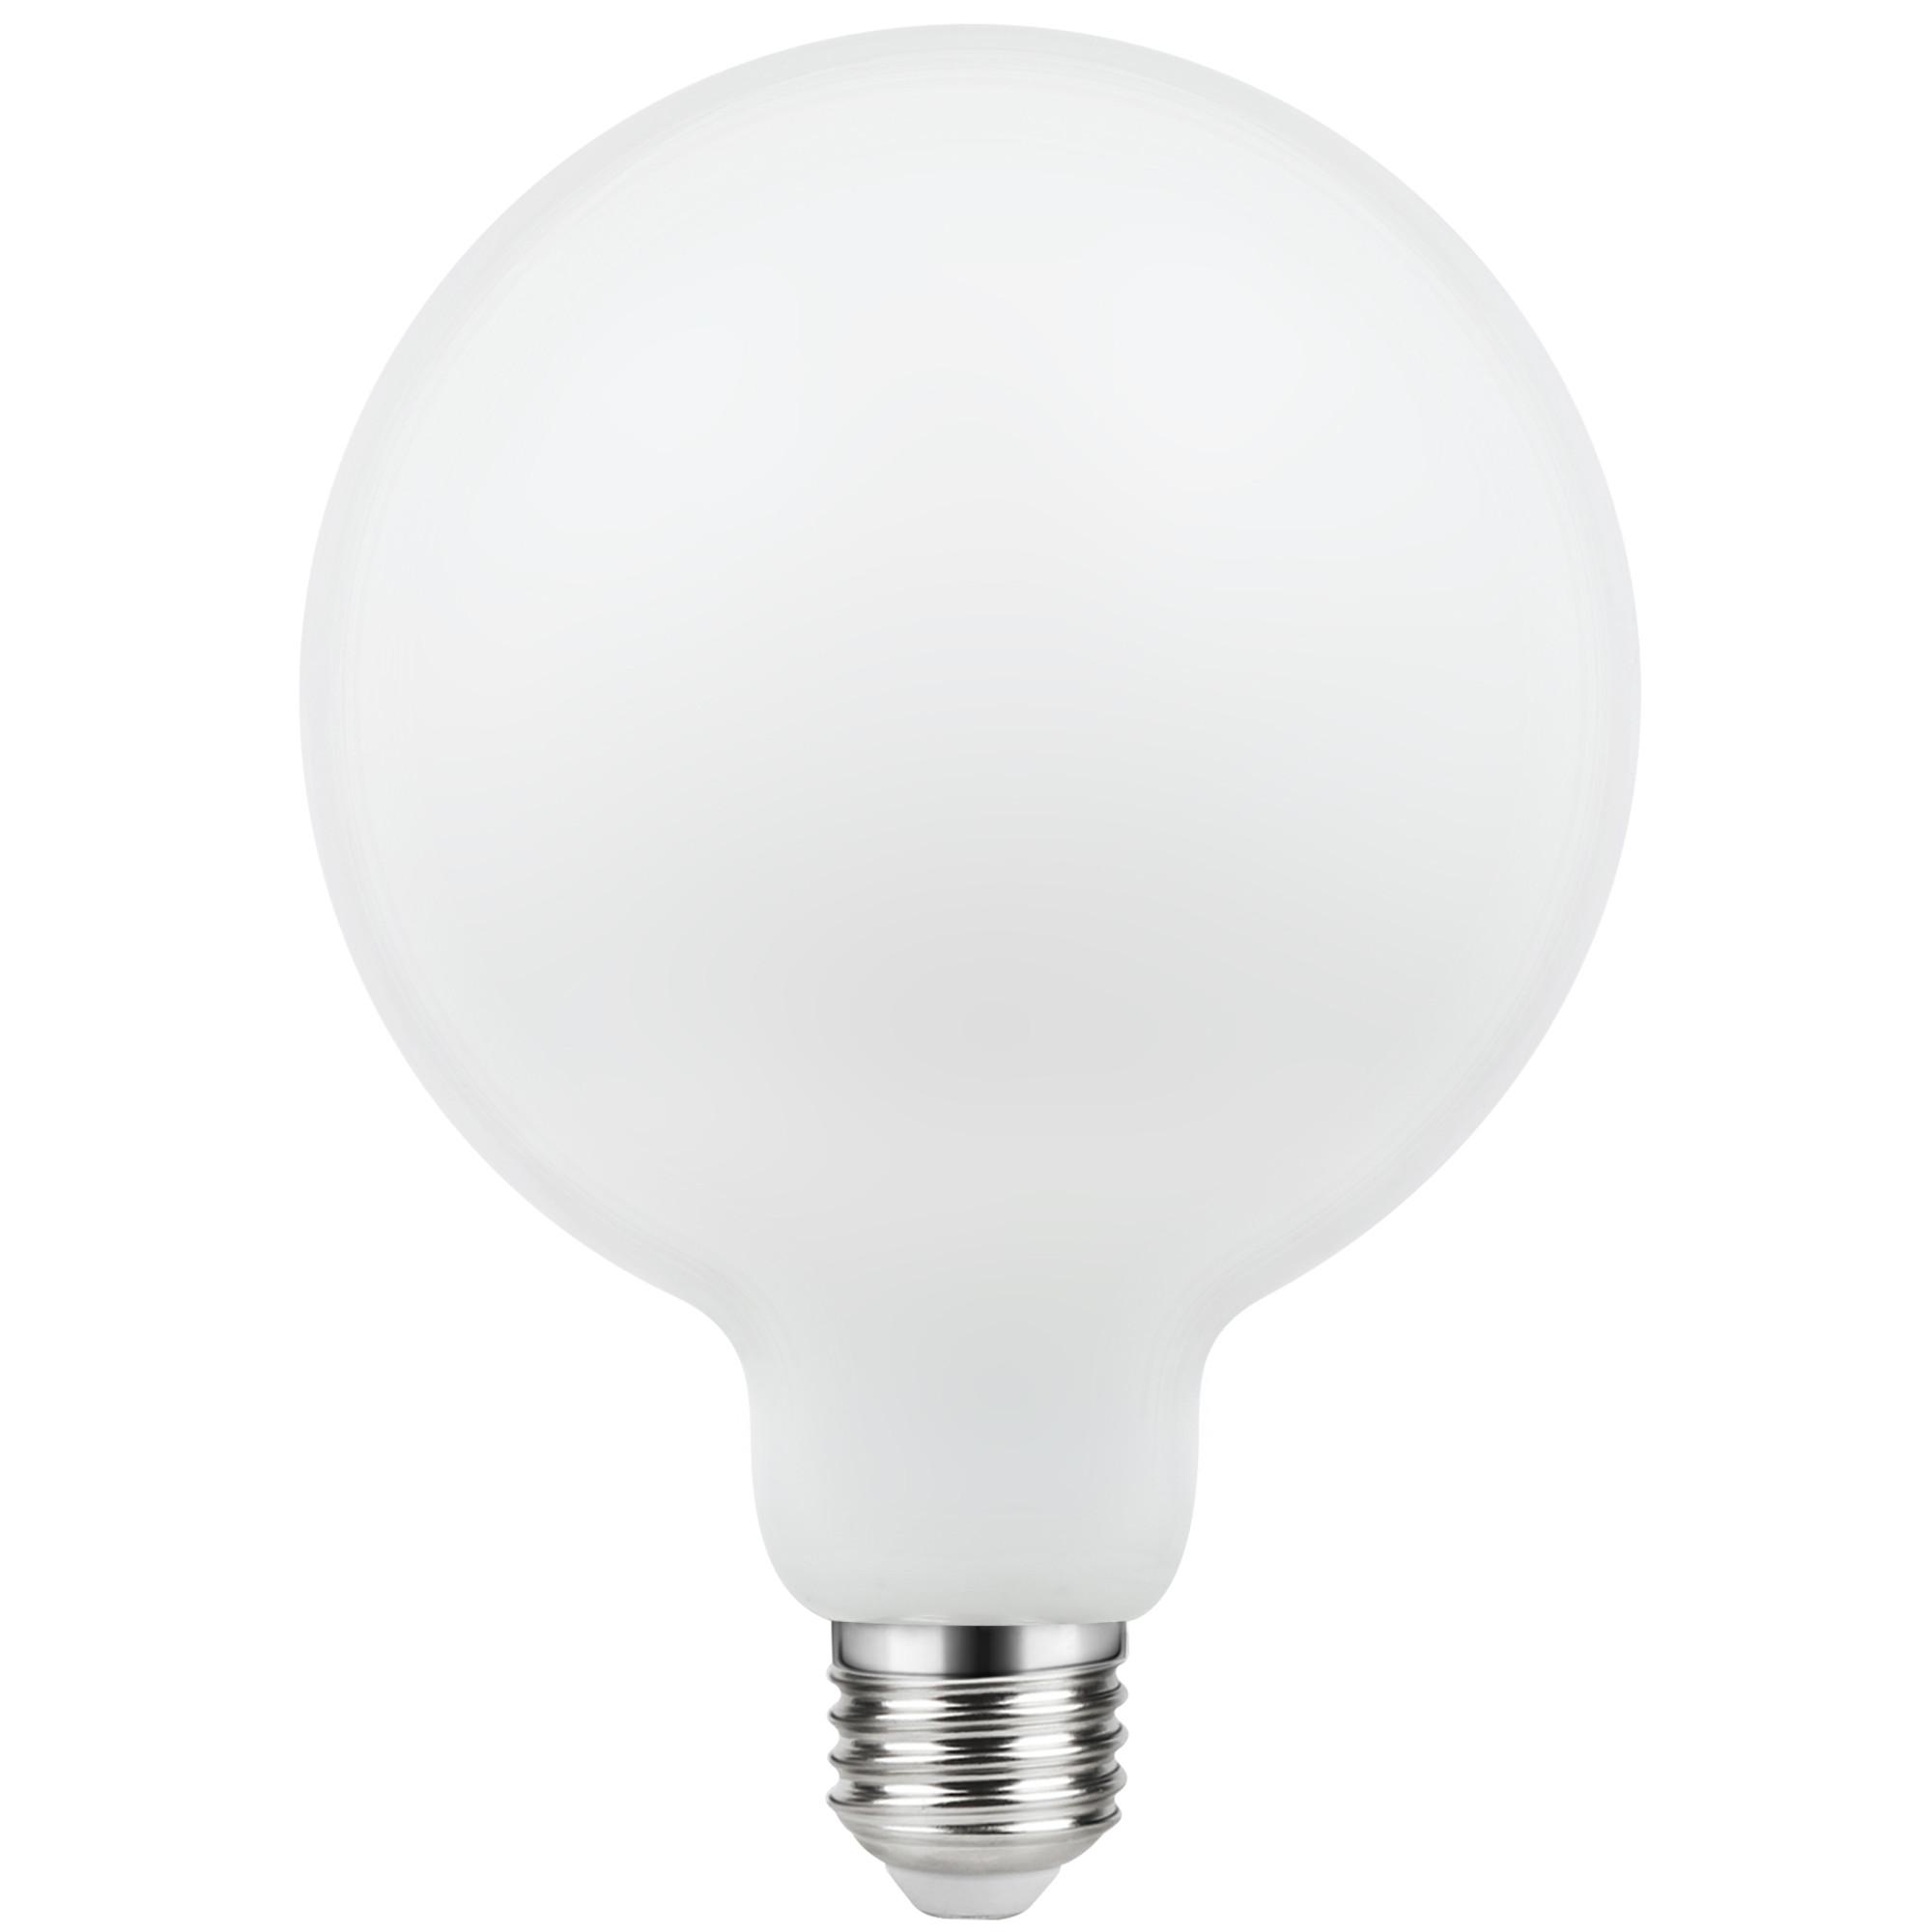 Лампа светодиодная филаментная Lexman E27 220 В 10.5 Вт шар матовый 1521 лм тёплый белый свет